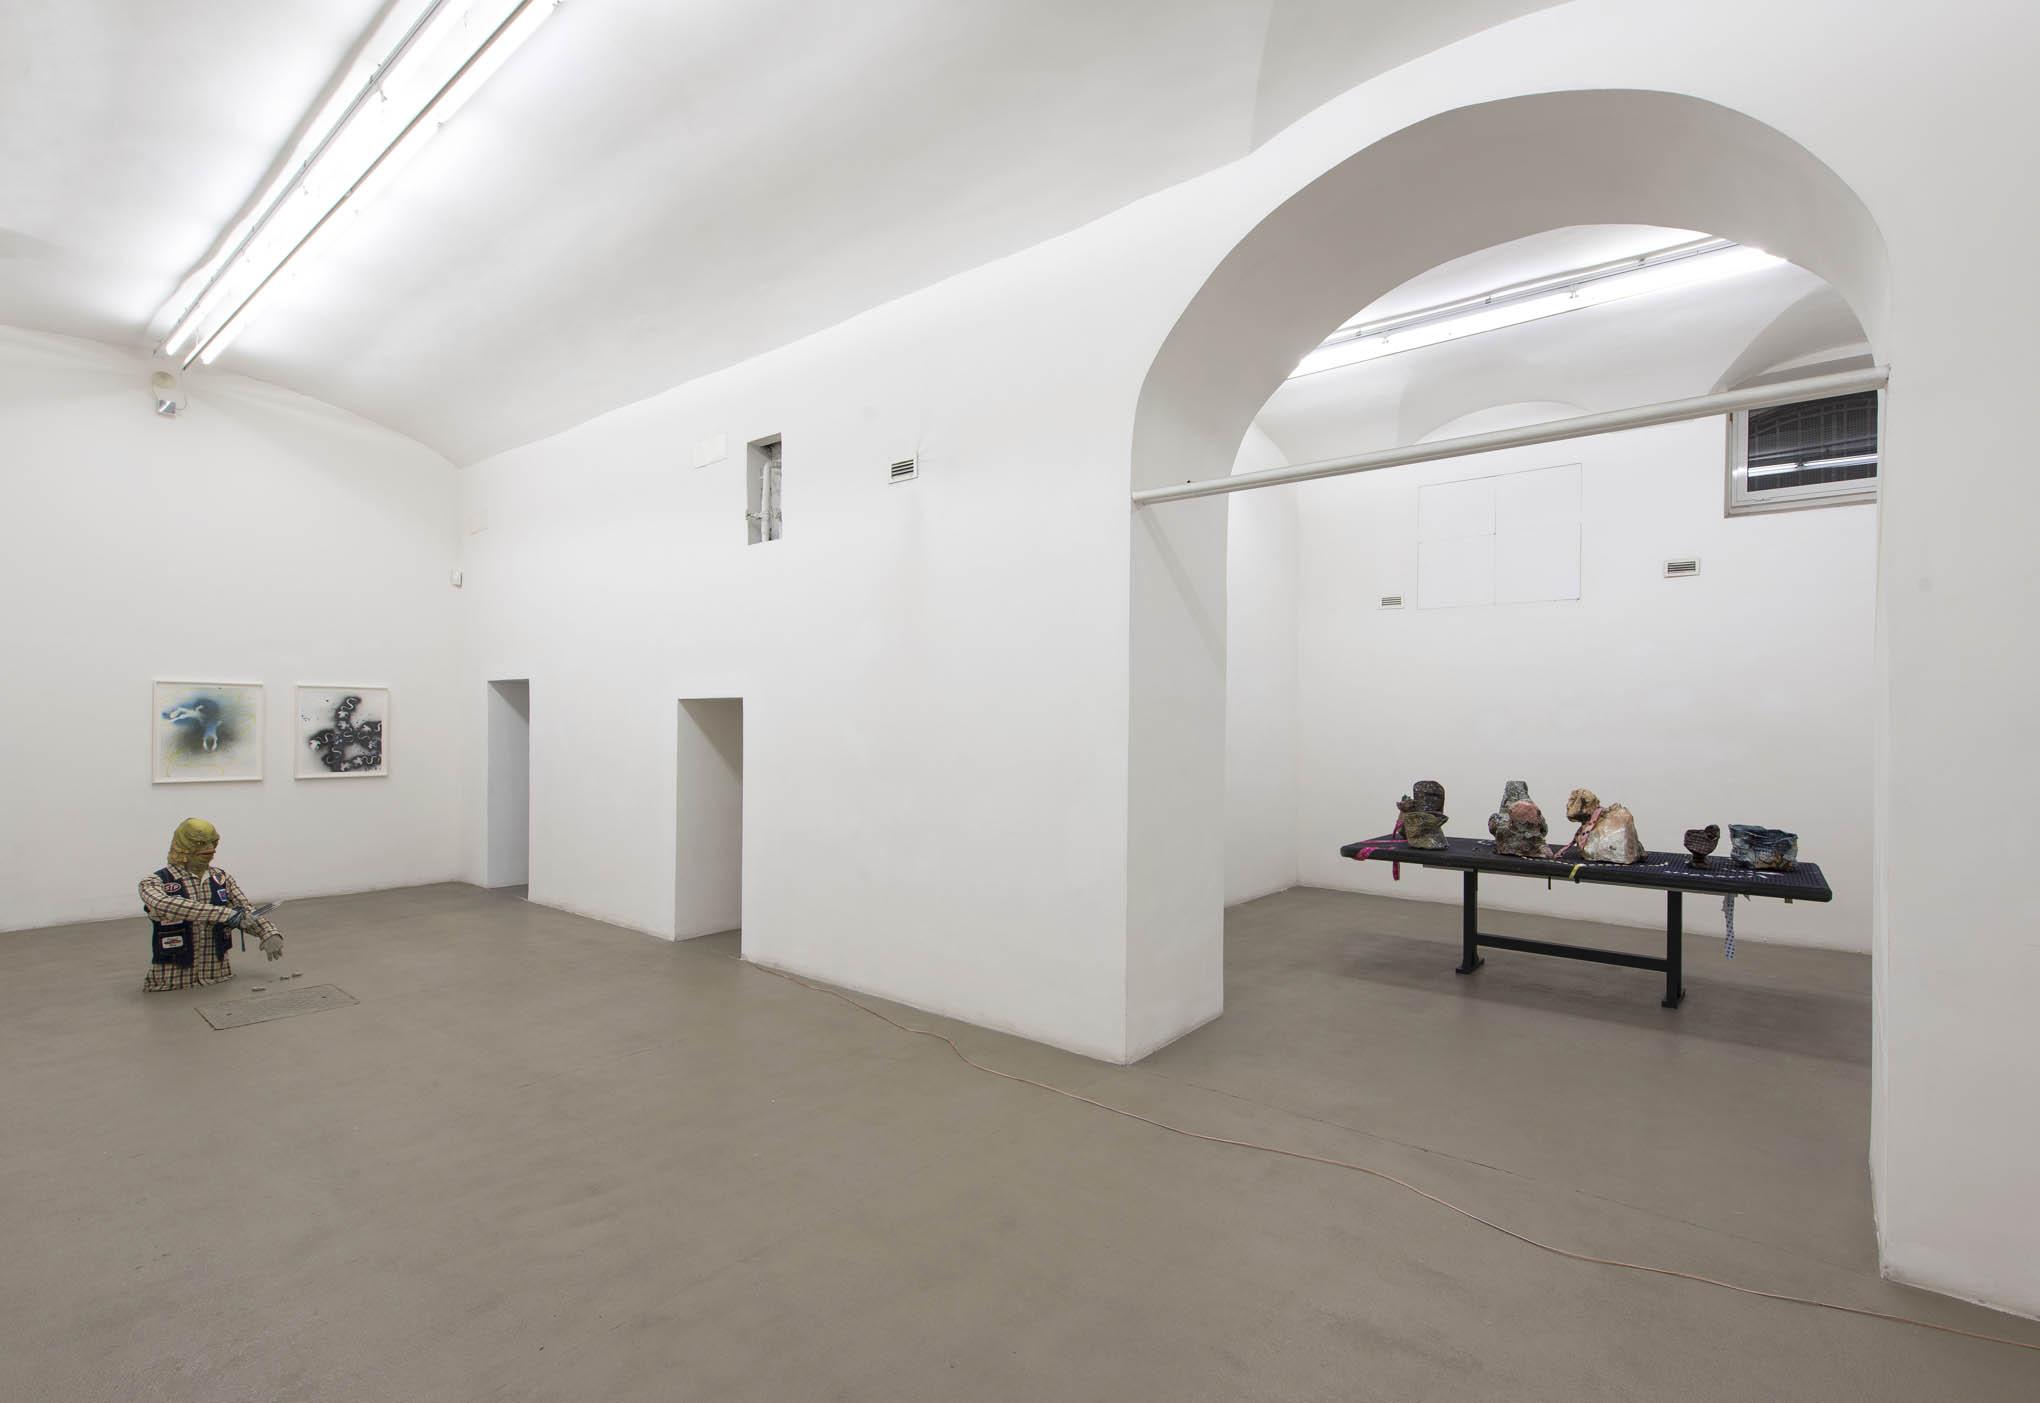 21. Consequences installation view at Fondazione Giuliani, Rome, 2015, photo Giorgio Benni